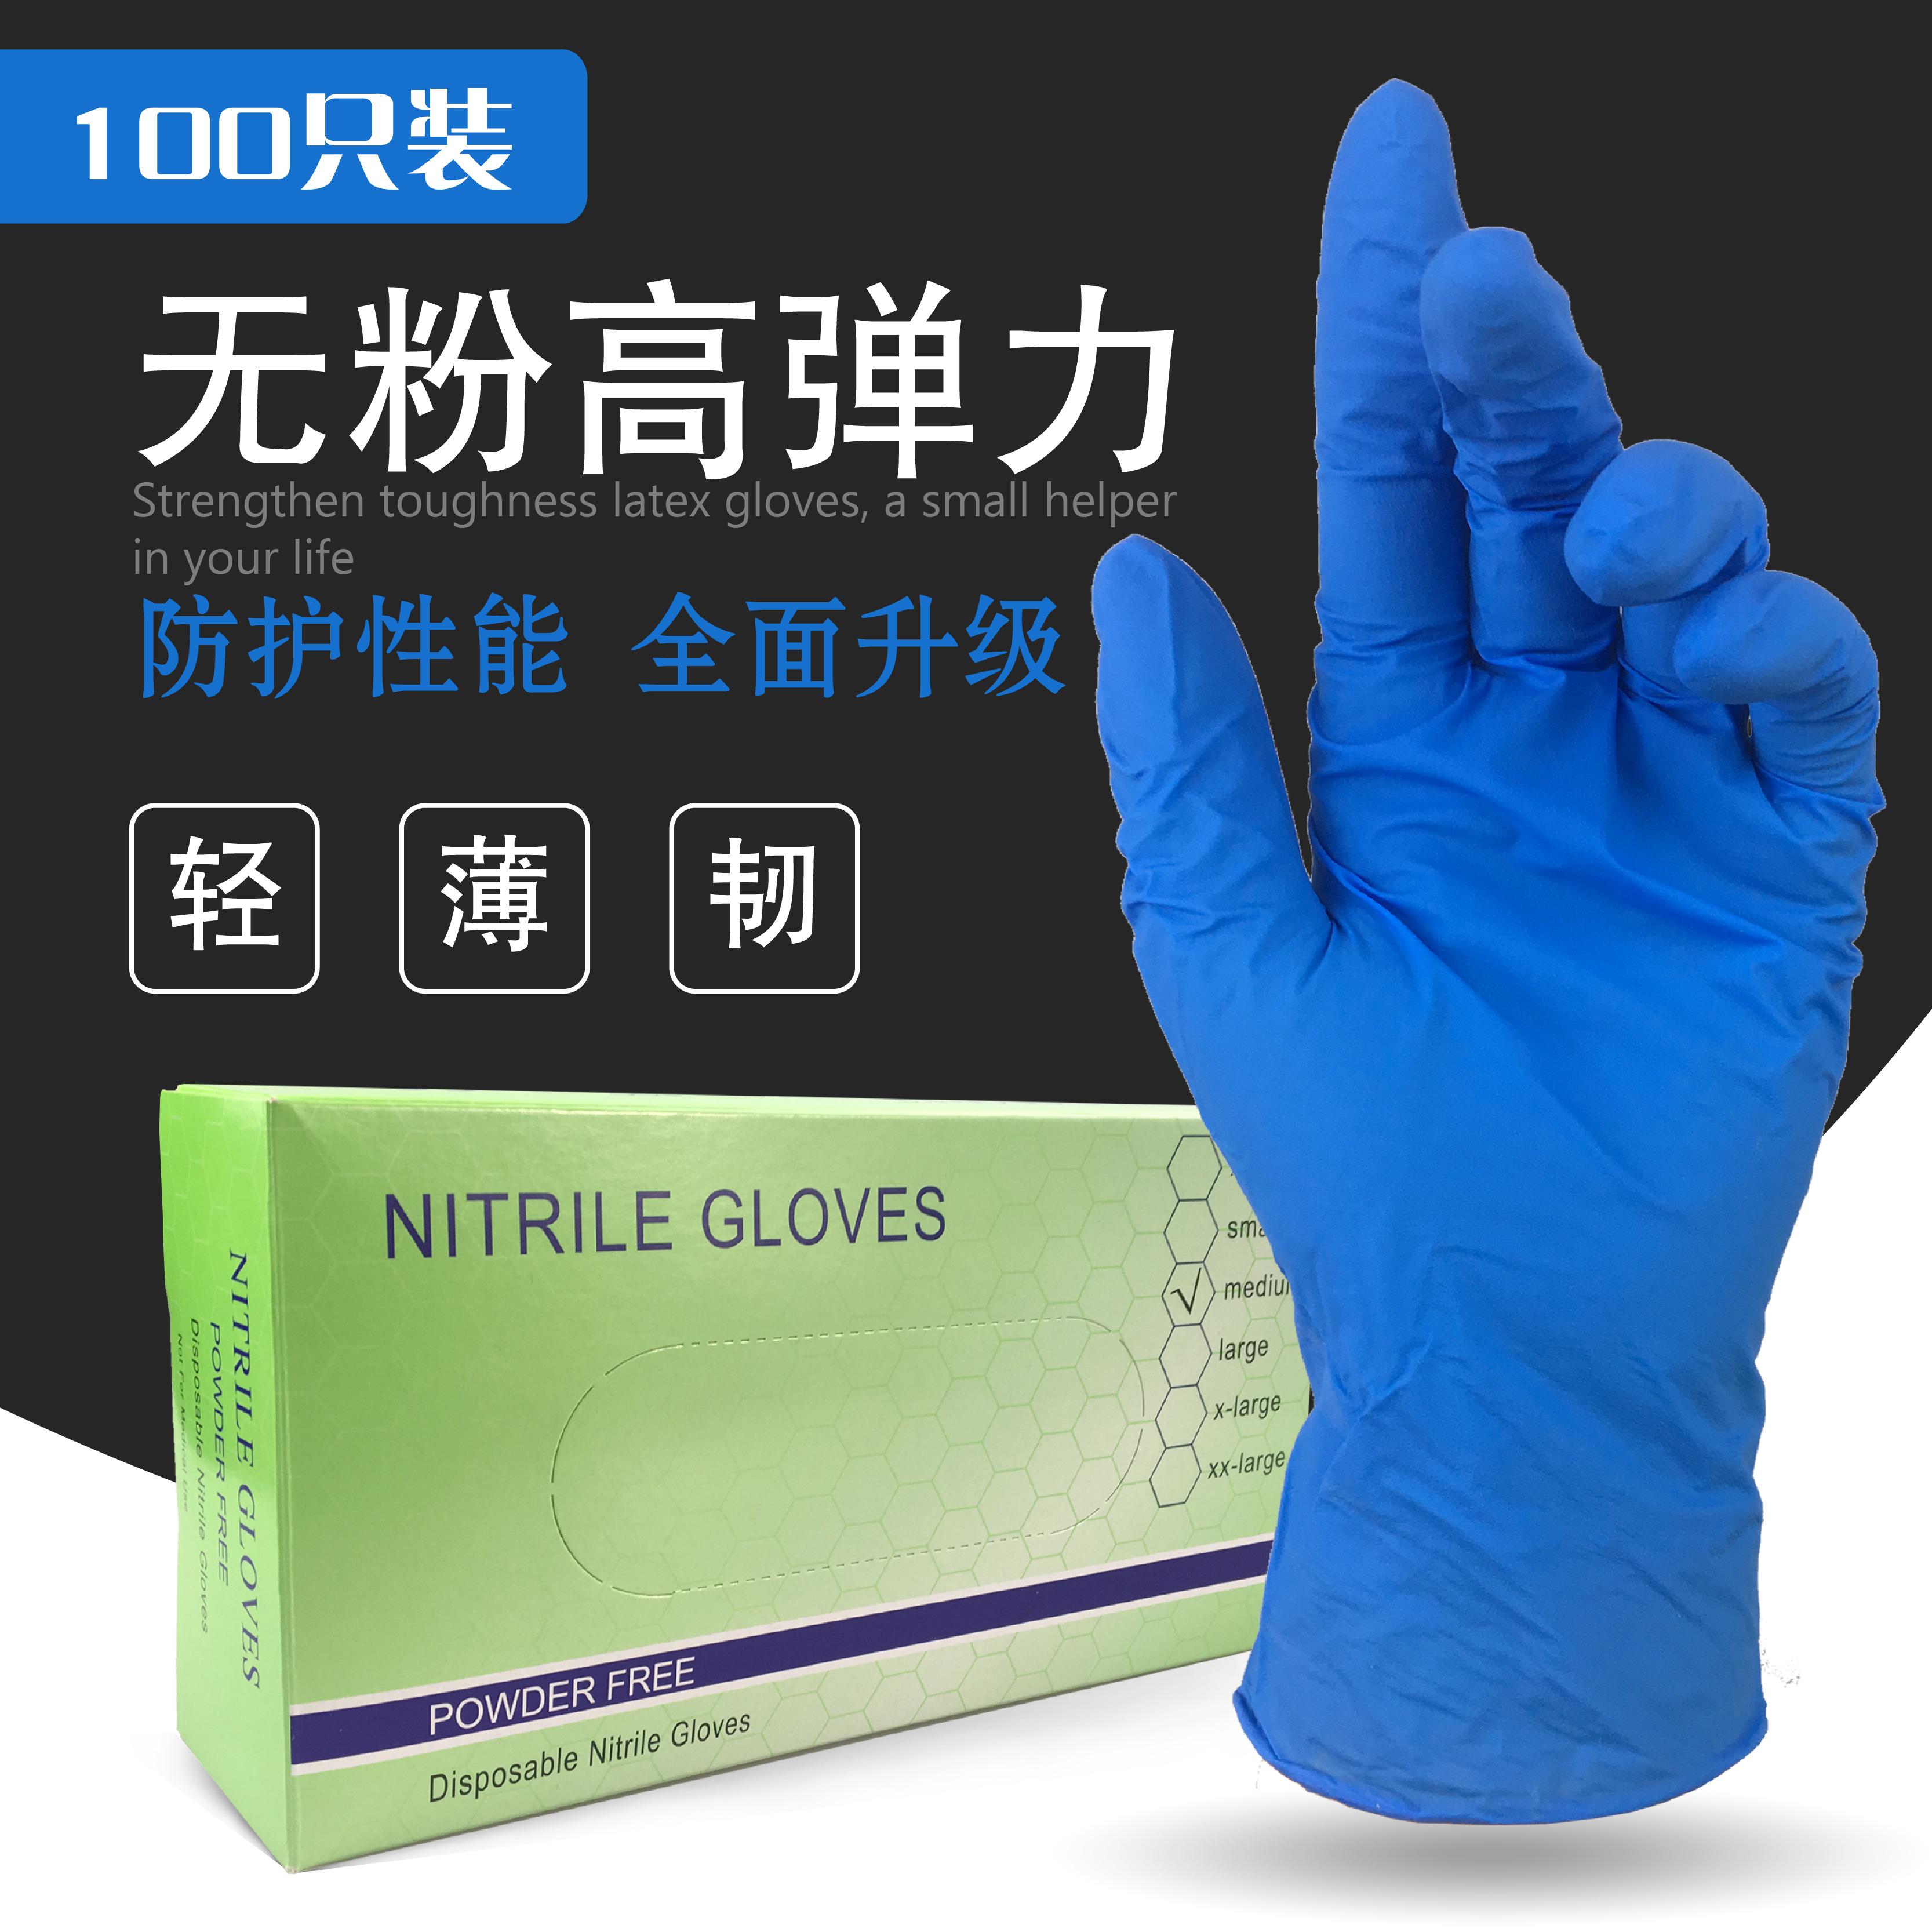 食品加工无粉手套劳保加厚耐磨蓝色丁晴一次性乳胶手套100只盒装